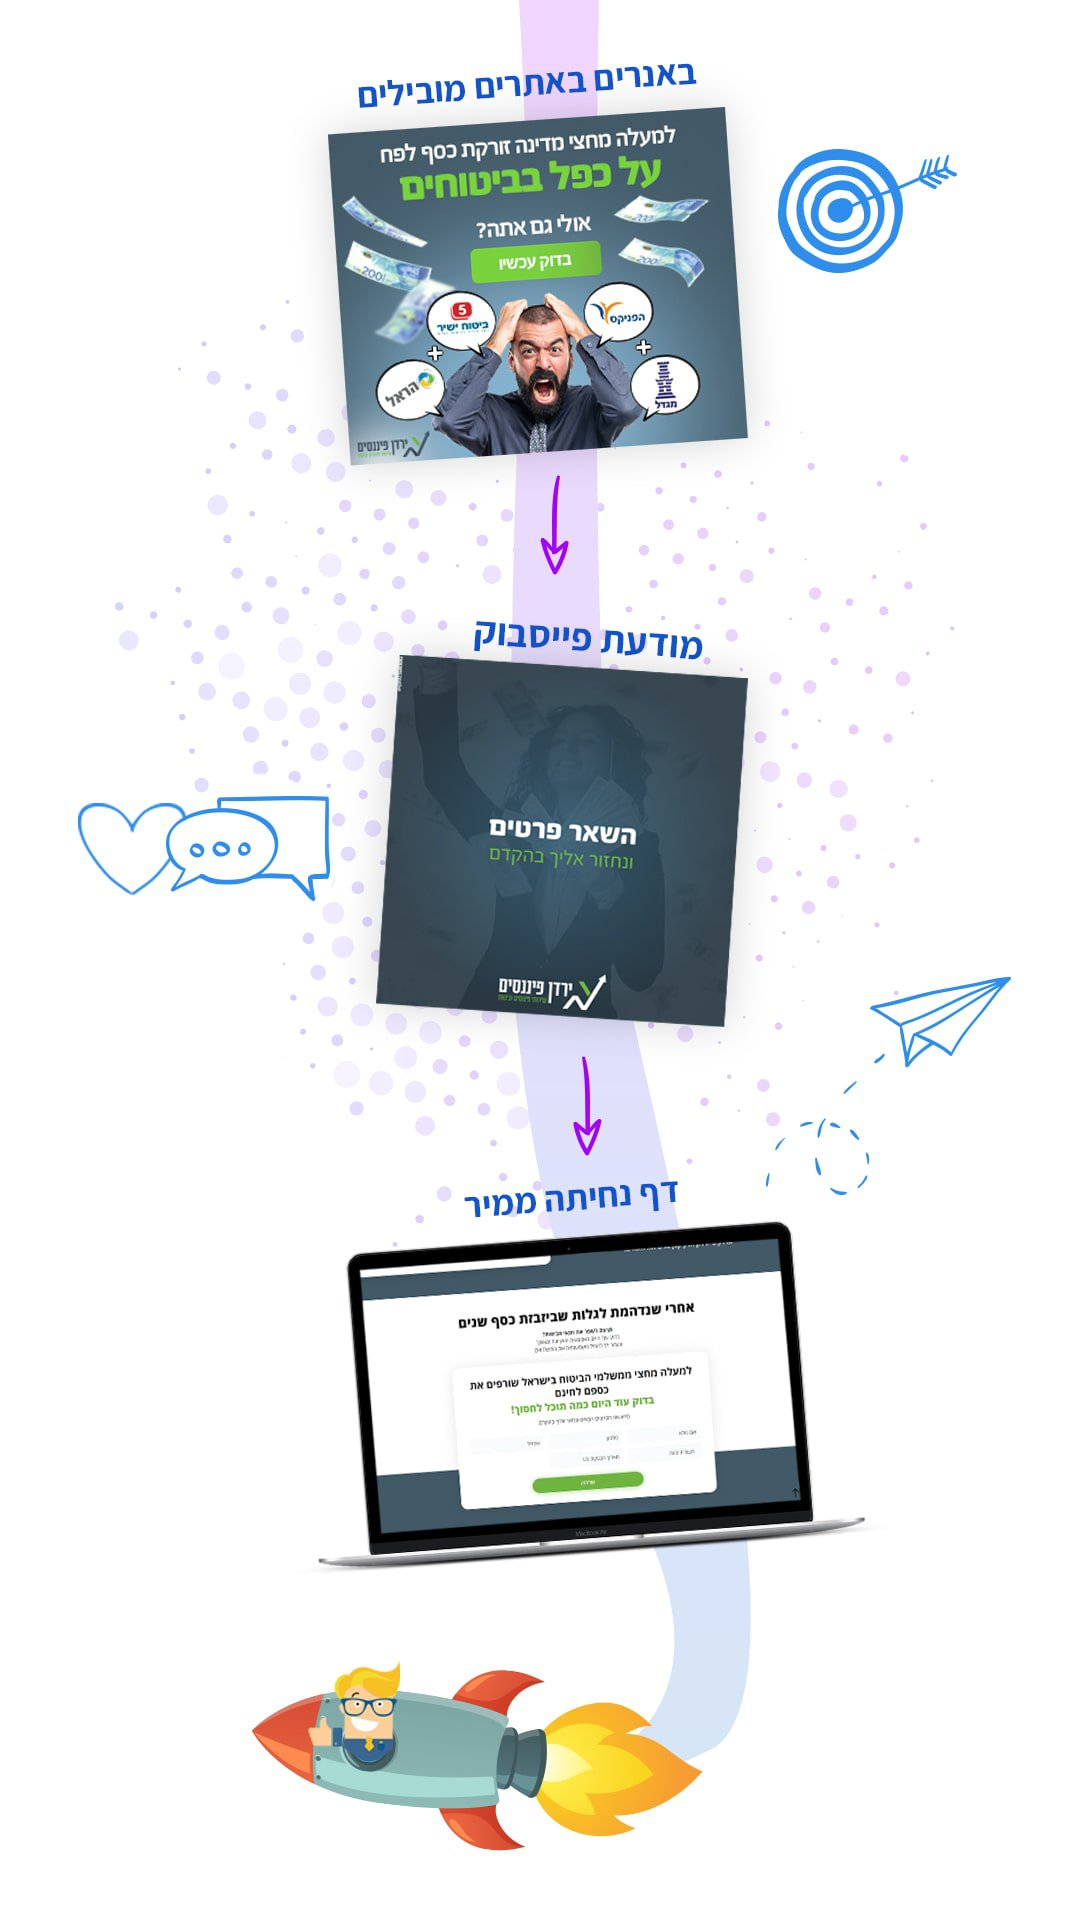 קמפיין לידים - חברה לבניית אתרים 8